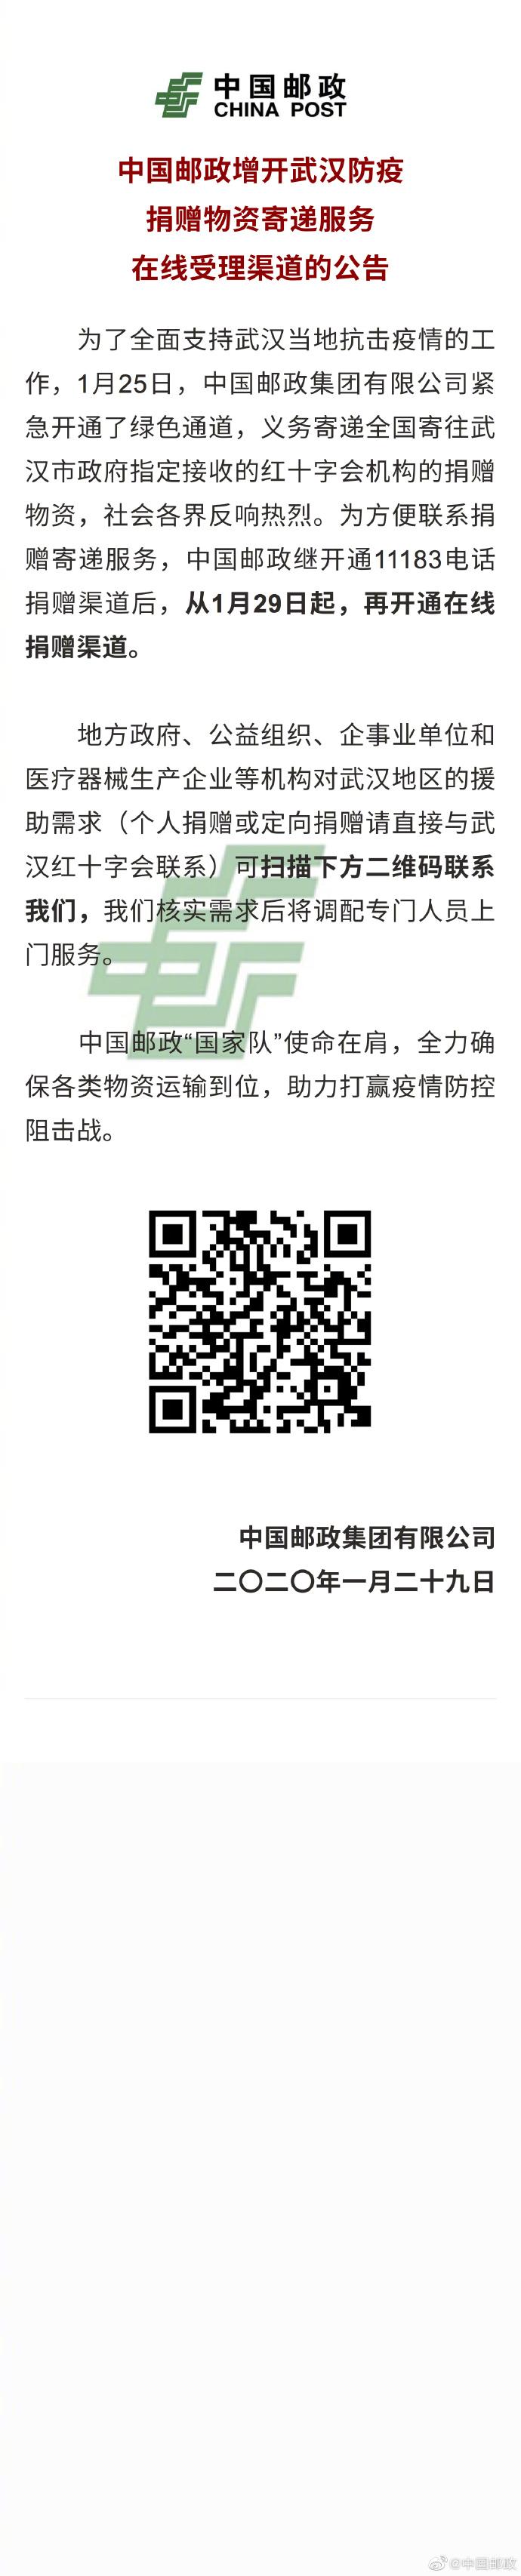 中国邮政增开武汉防疫捐赠物资寄递服务在线受理渠道的公告